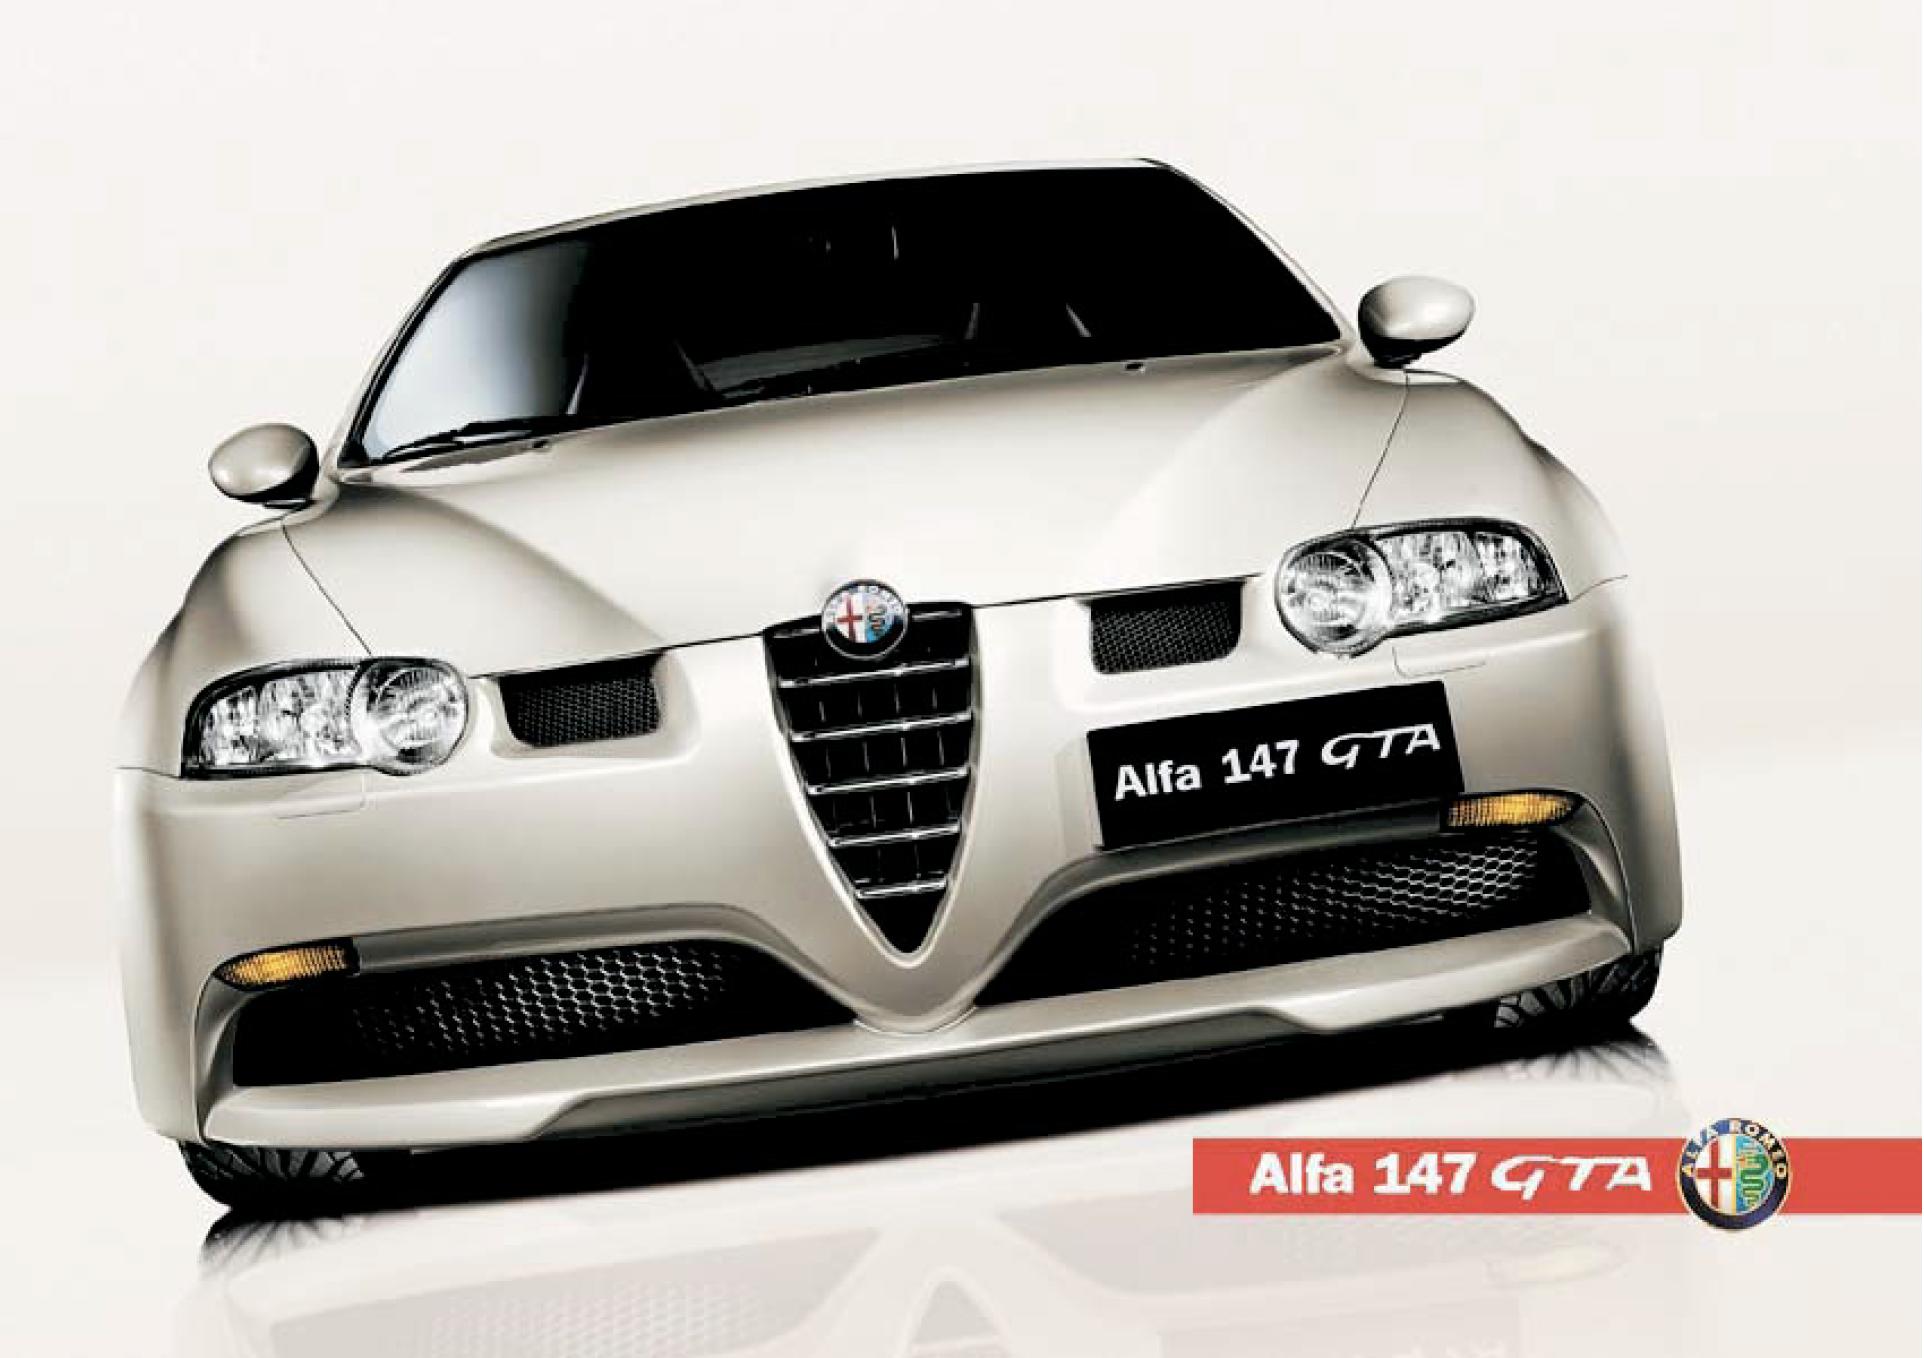 Alfa Romeo 147GTA brochure